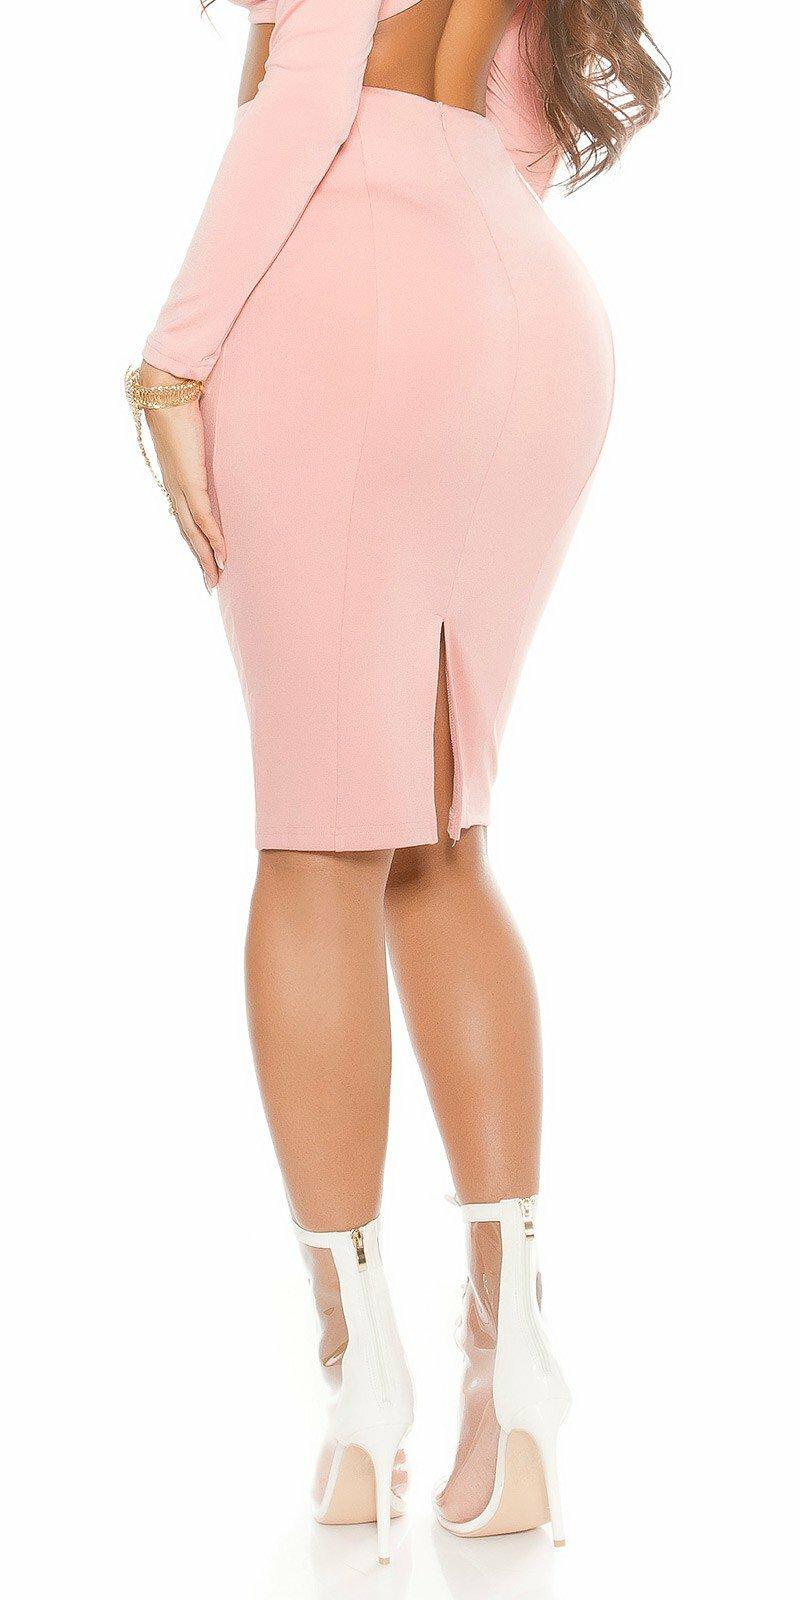 de17fe4d09dc ... Dámska úzka sukňa KouCla Bledá ružová ...